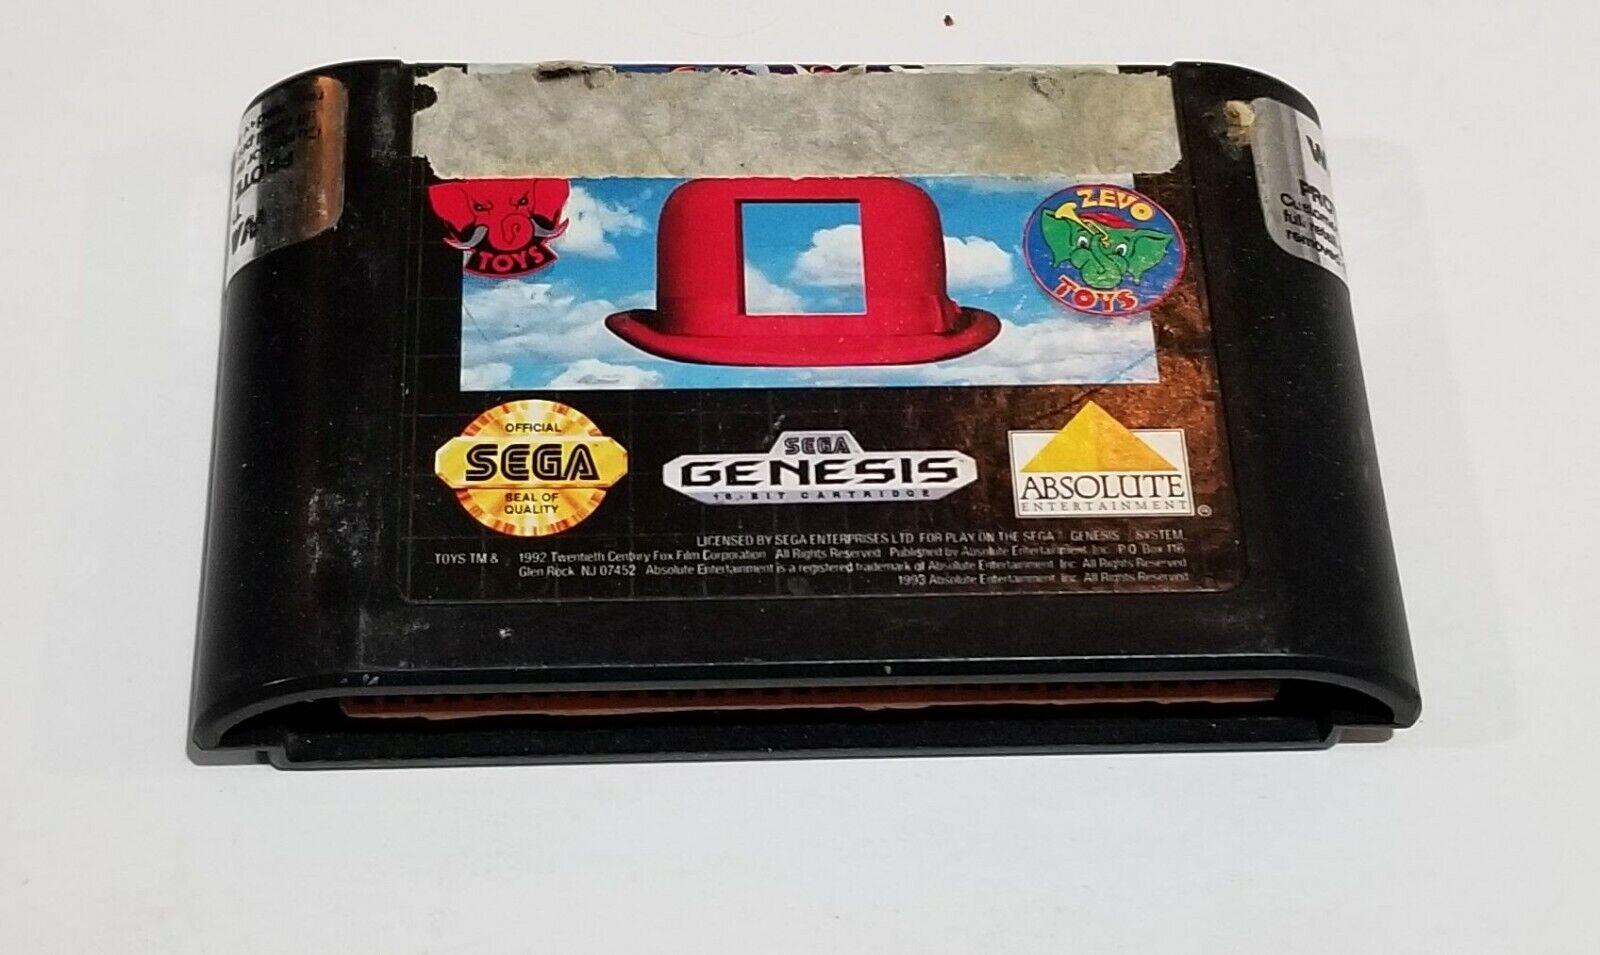 Toys Sega Genesis, 1993  - $1.99